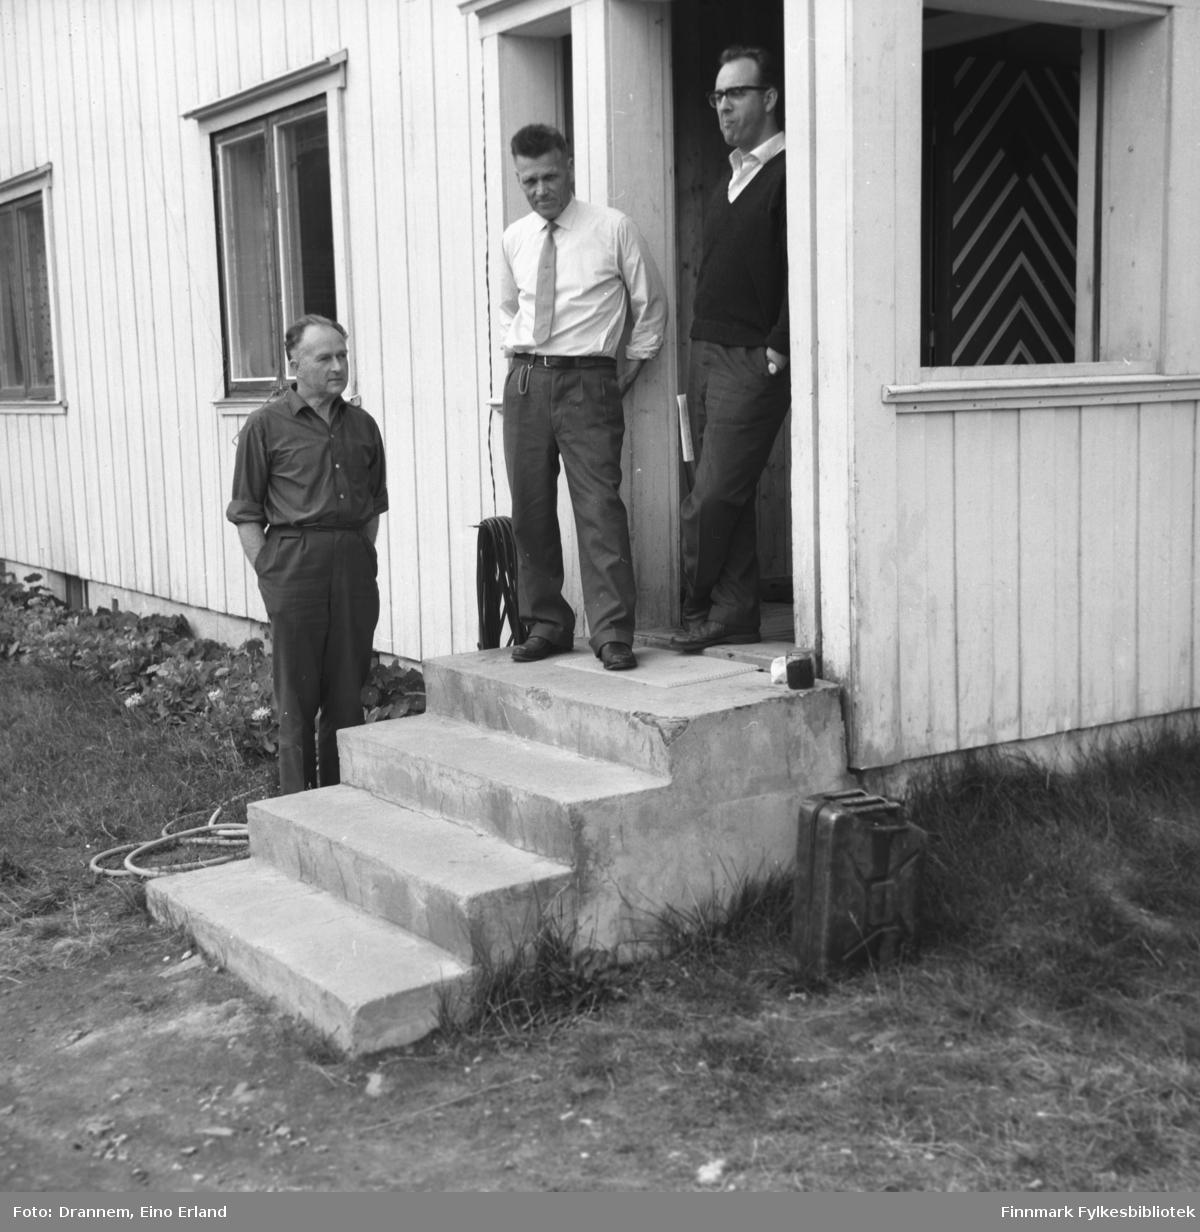 Tre menn står foran et bygg. Sted og mannsnavn er ukjent.